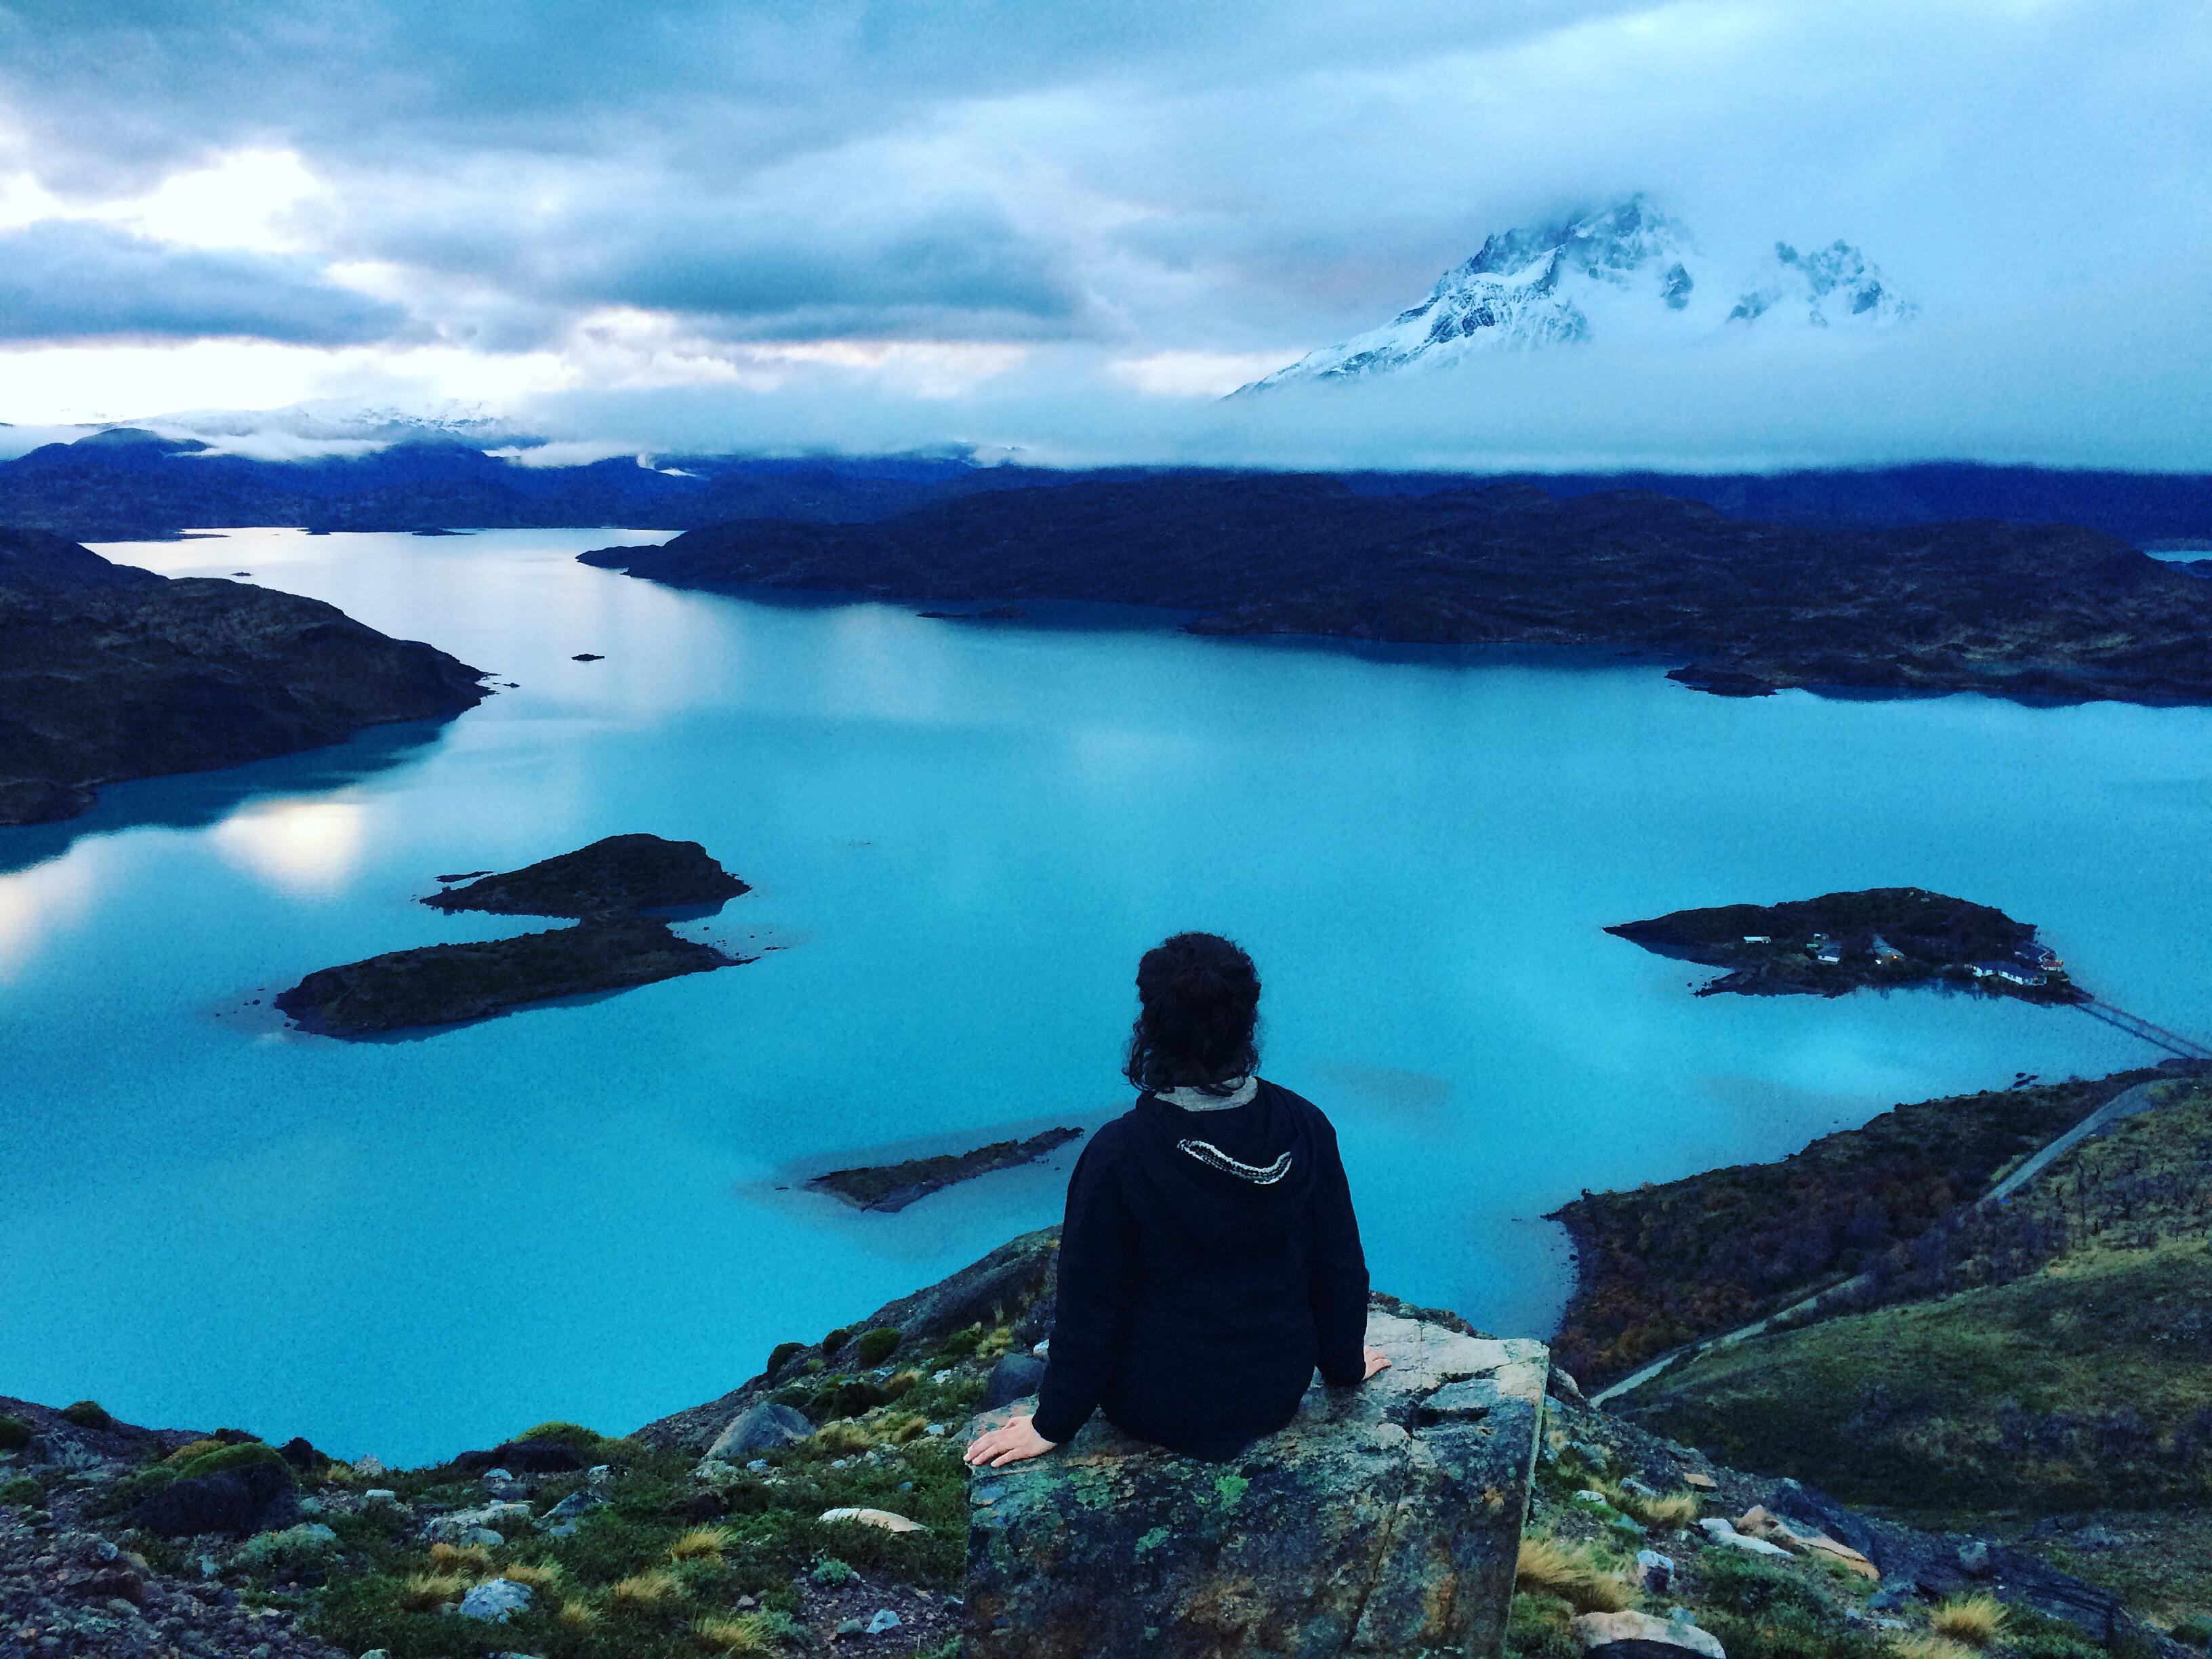 Viajera frente a inmenso lago celeste en la Patagonia